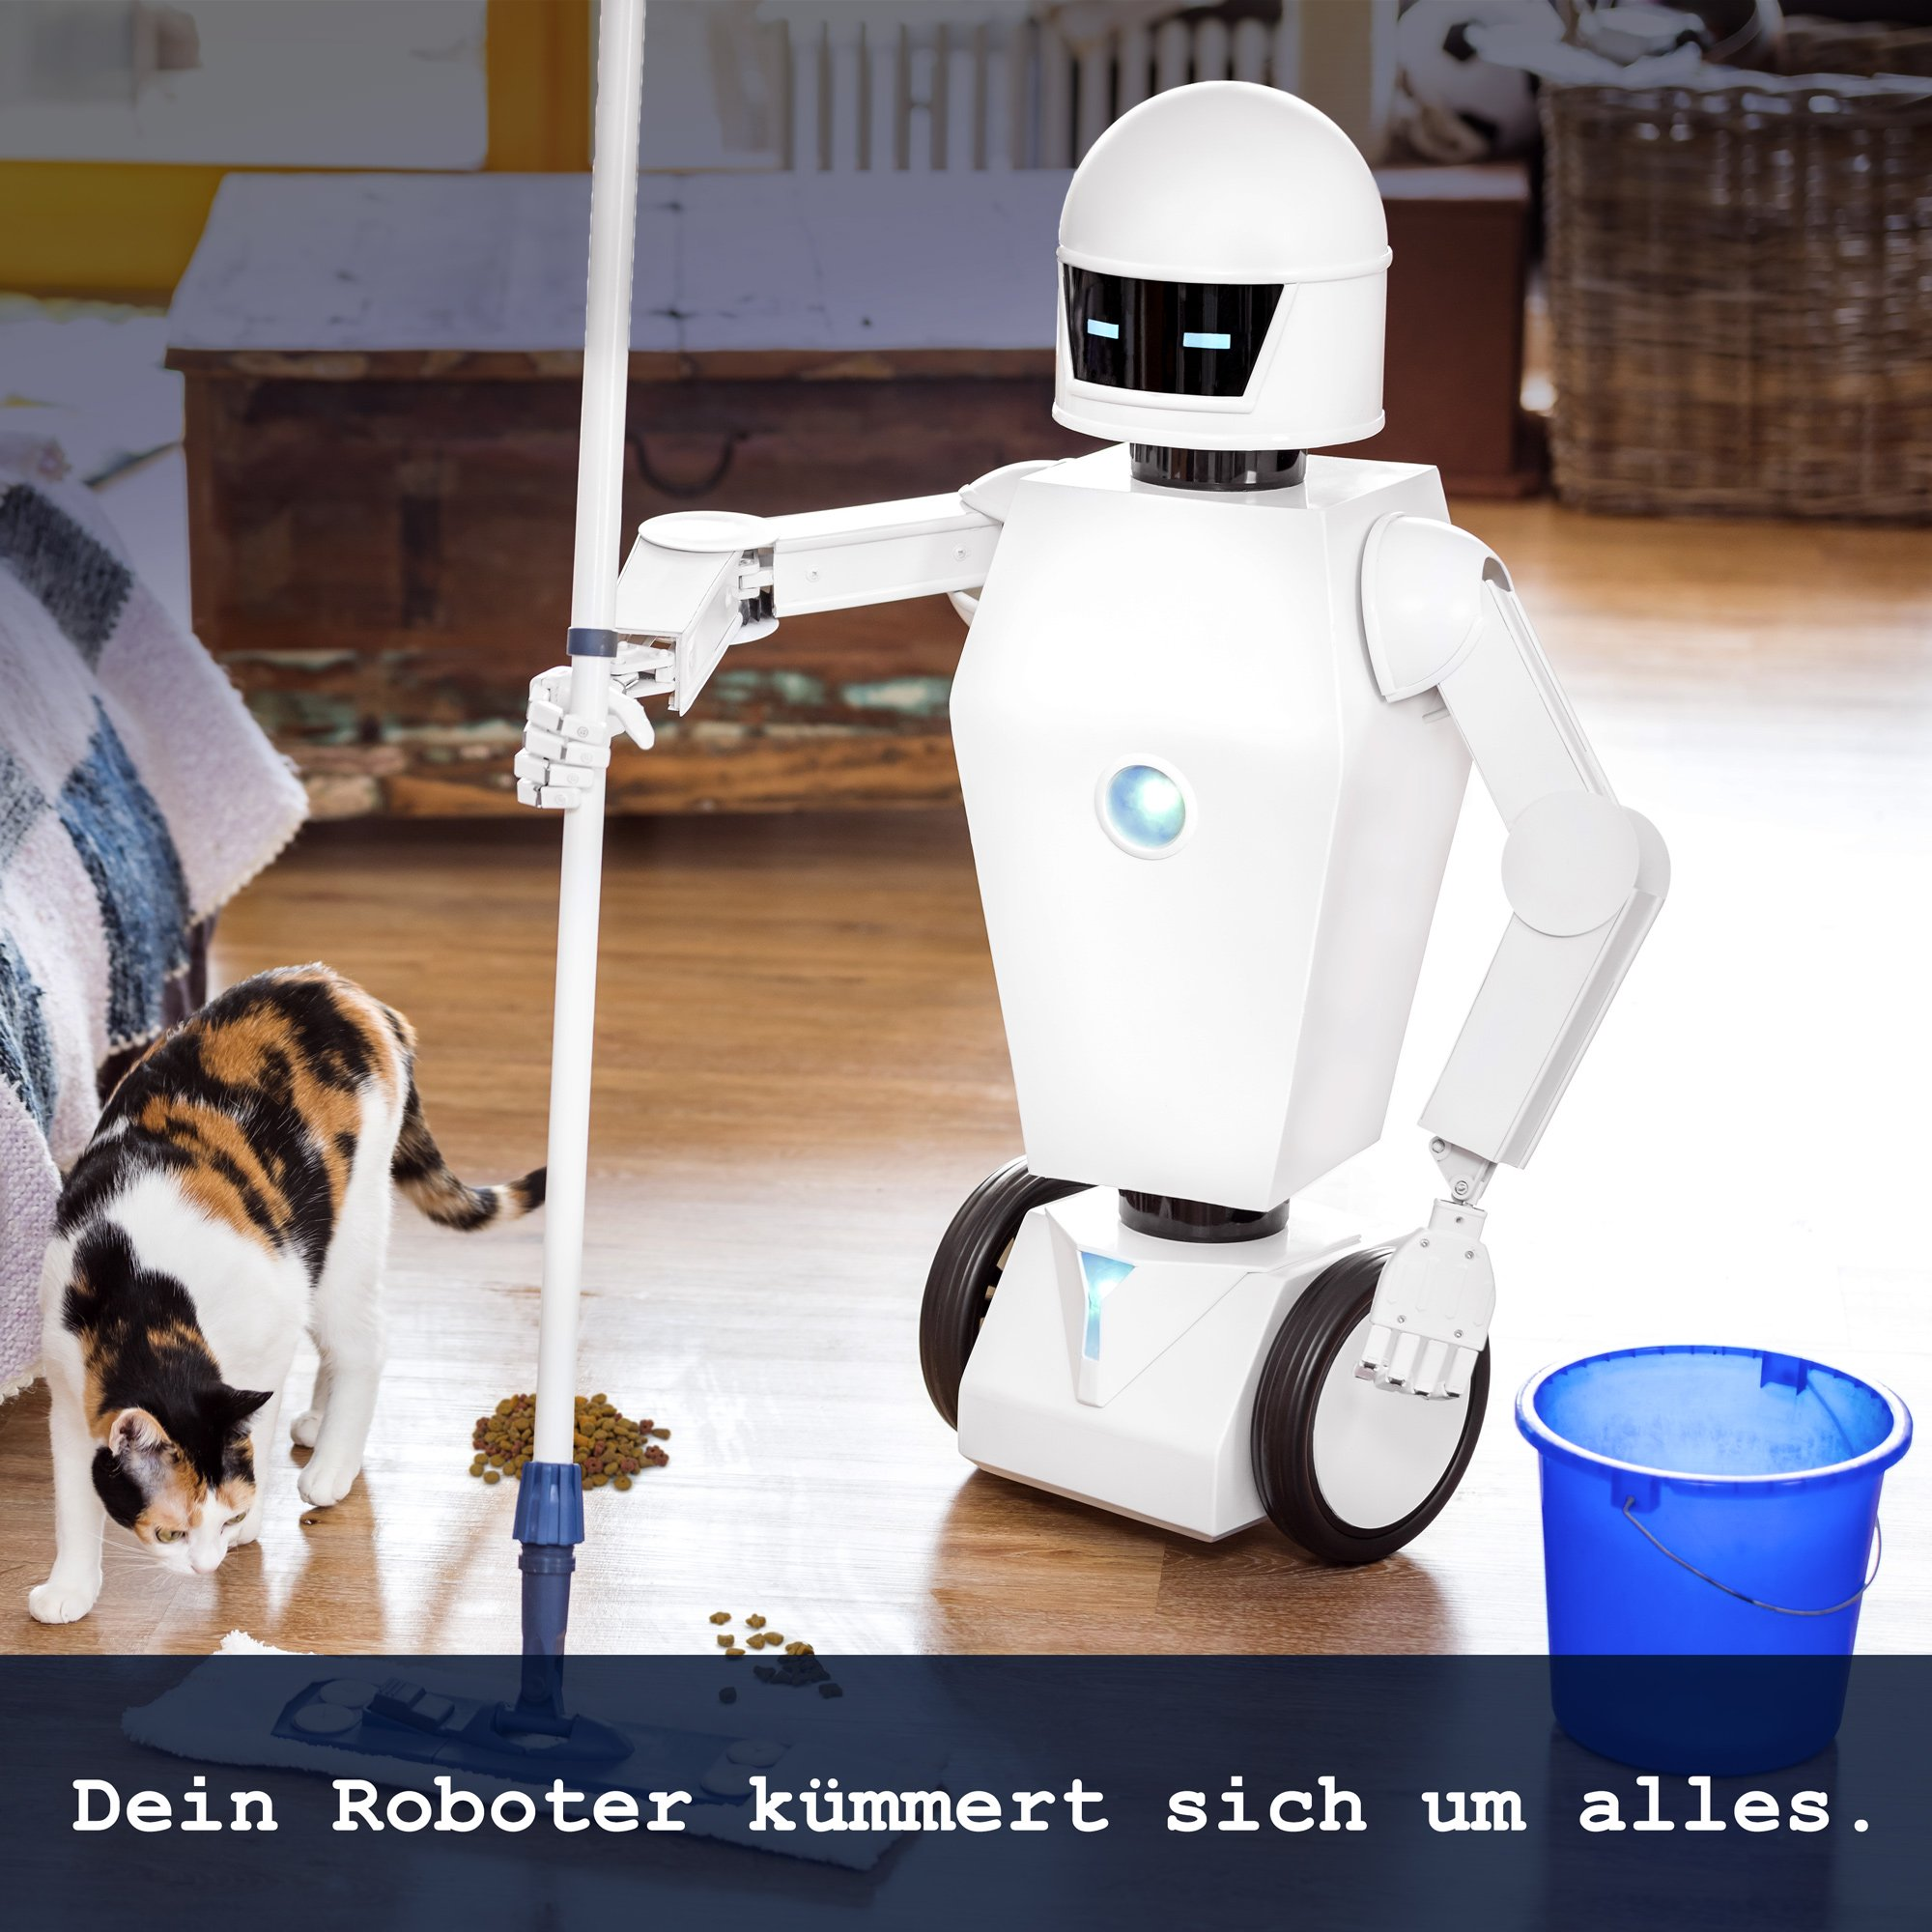 Universal Haushaltsroboter mit künstlicher Intelligenz - 3